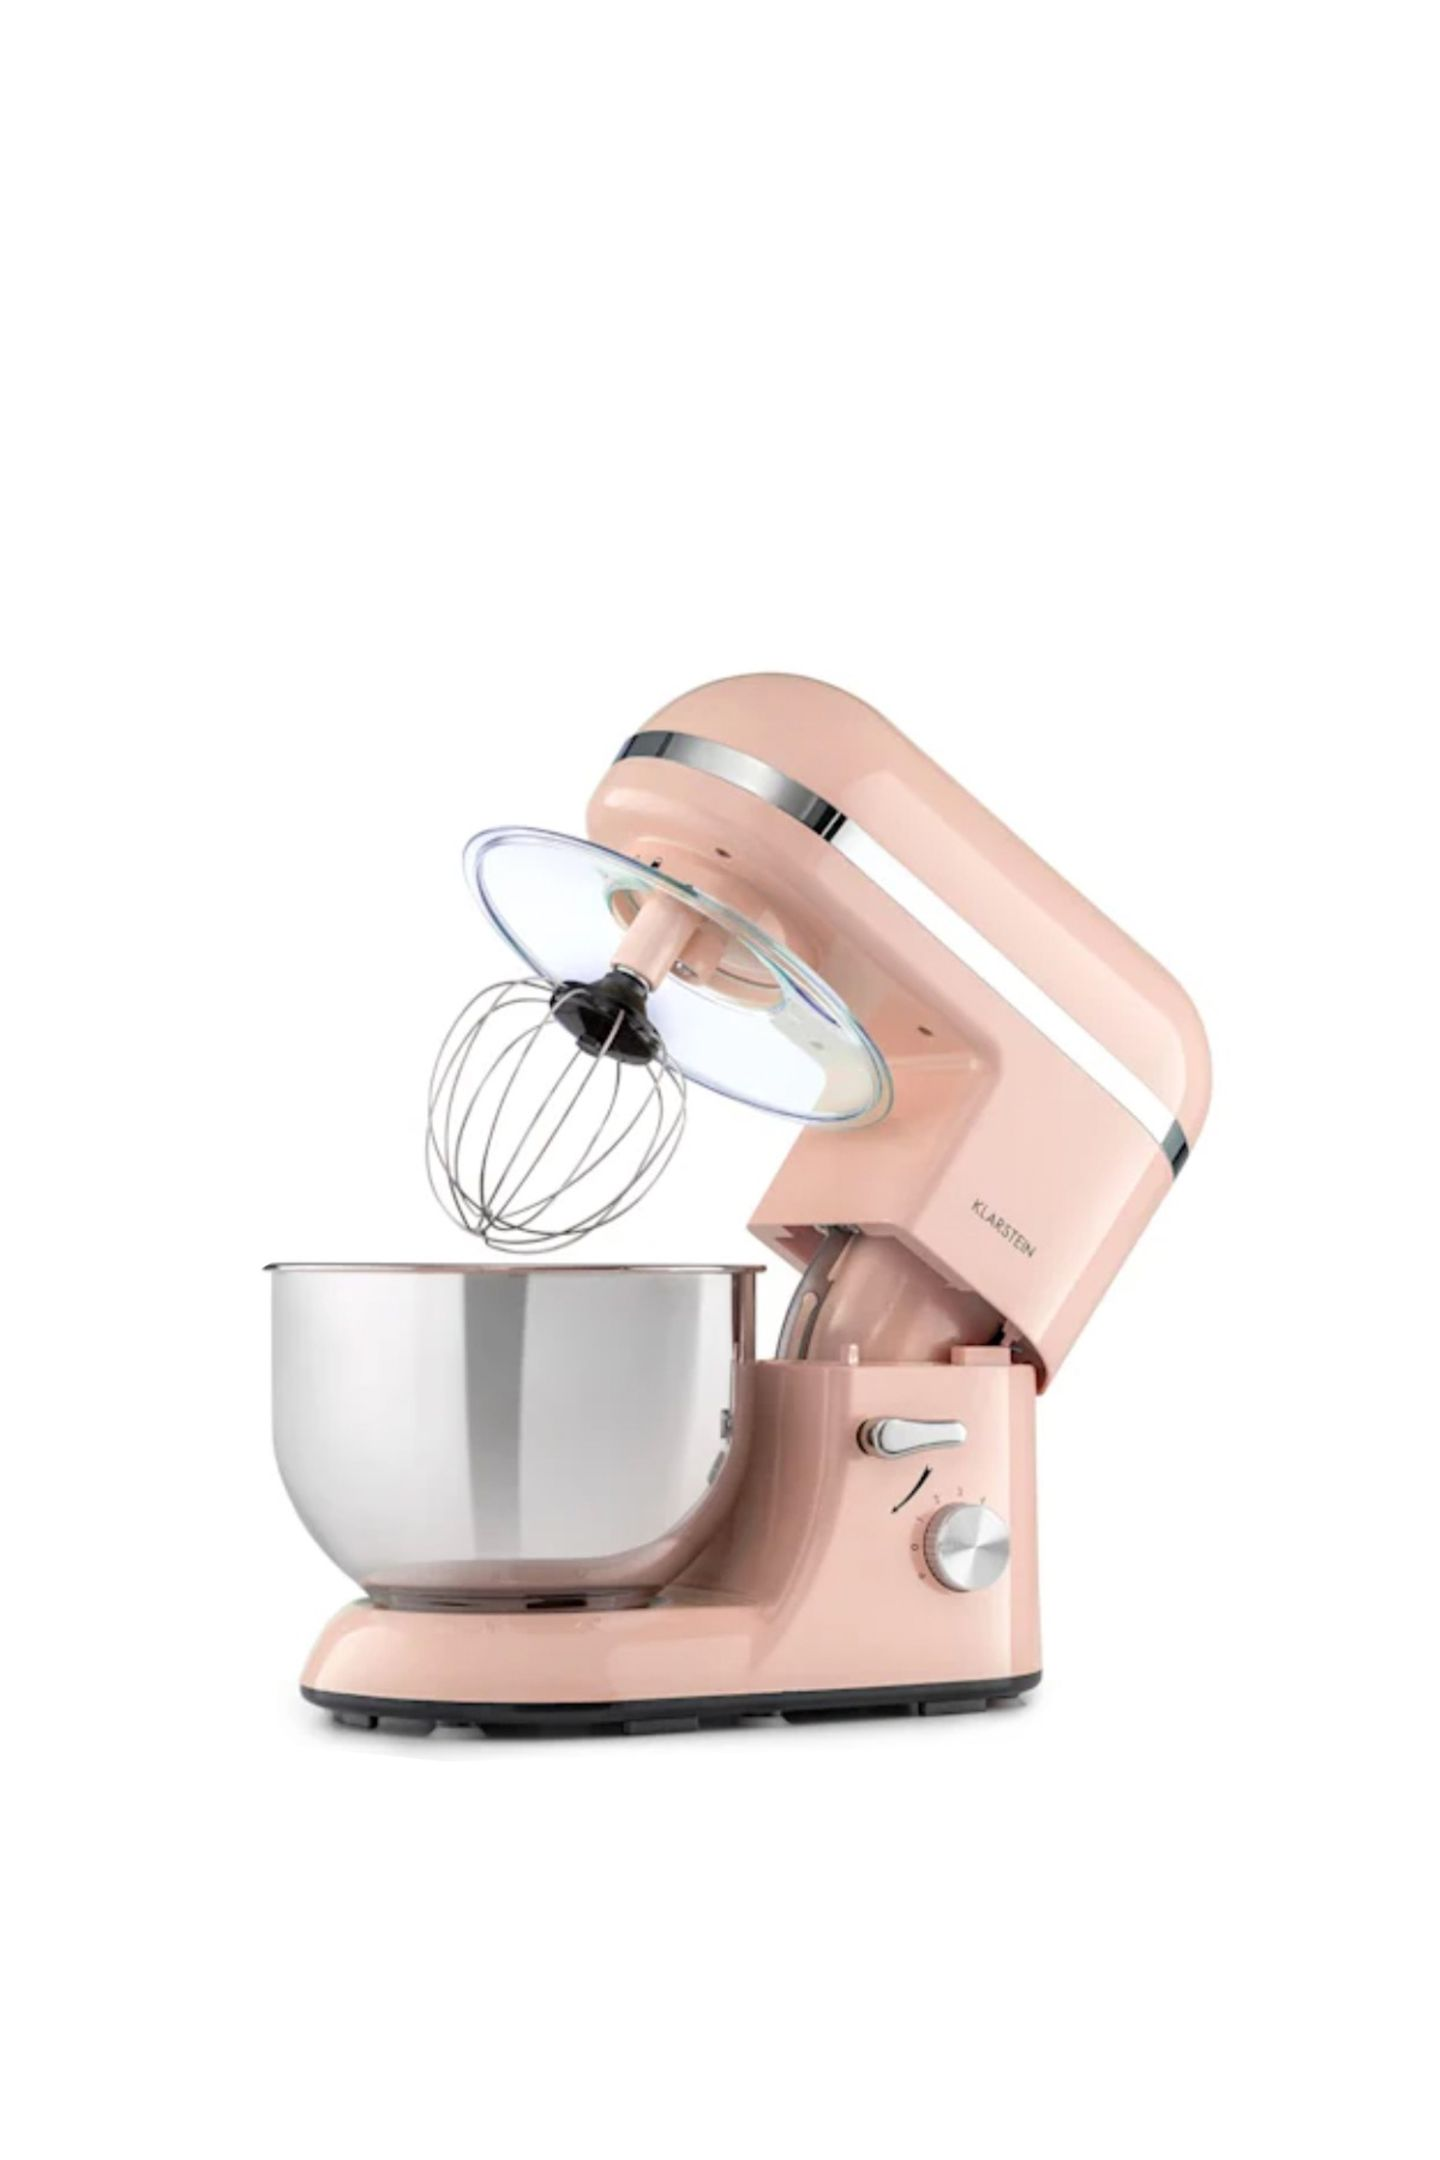 Fast zu schön, um sie zu benutzenDiese Küchenmaschine in Zartrosa ist nicht nur ein optisches Highlight. Auch ihre inneren Werte können sich sehen lassen:Mit 2000 Watt Leistung in sechsStufen schafft das Rührsystem alle Herausforderungen. Ob Brotteig, Schlagsahne oder Kuchenteig: In der 5,2-Liter-Edelstahlschüssel lässt sich mit drei Rührhaken alles perfekt vermischen. Bella Küchenmaschine, von Klarsein, kostet ca. 130 Euro.